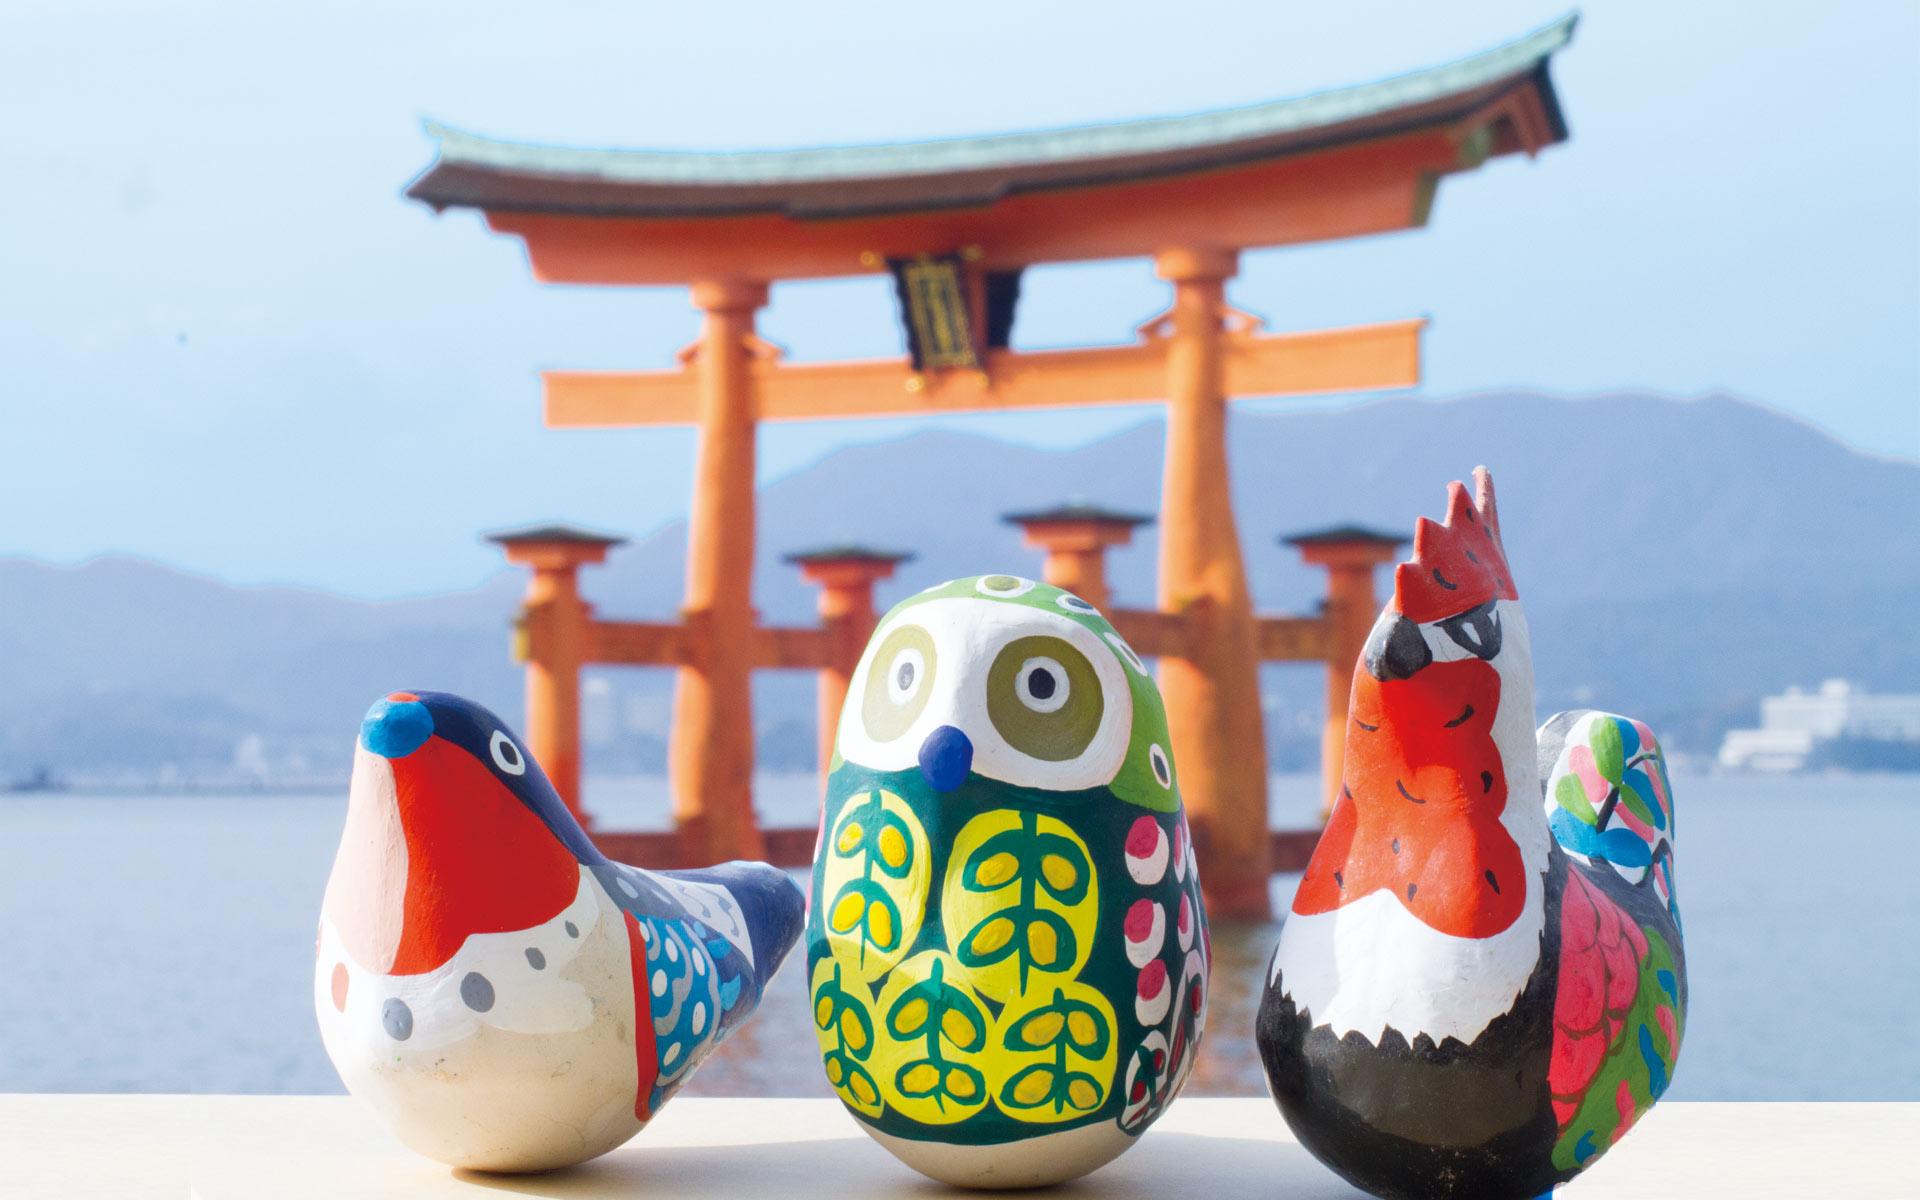 厳島神社から新年へ羽ばたく干支の張り子